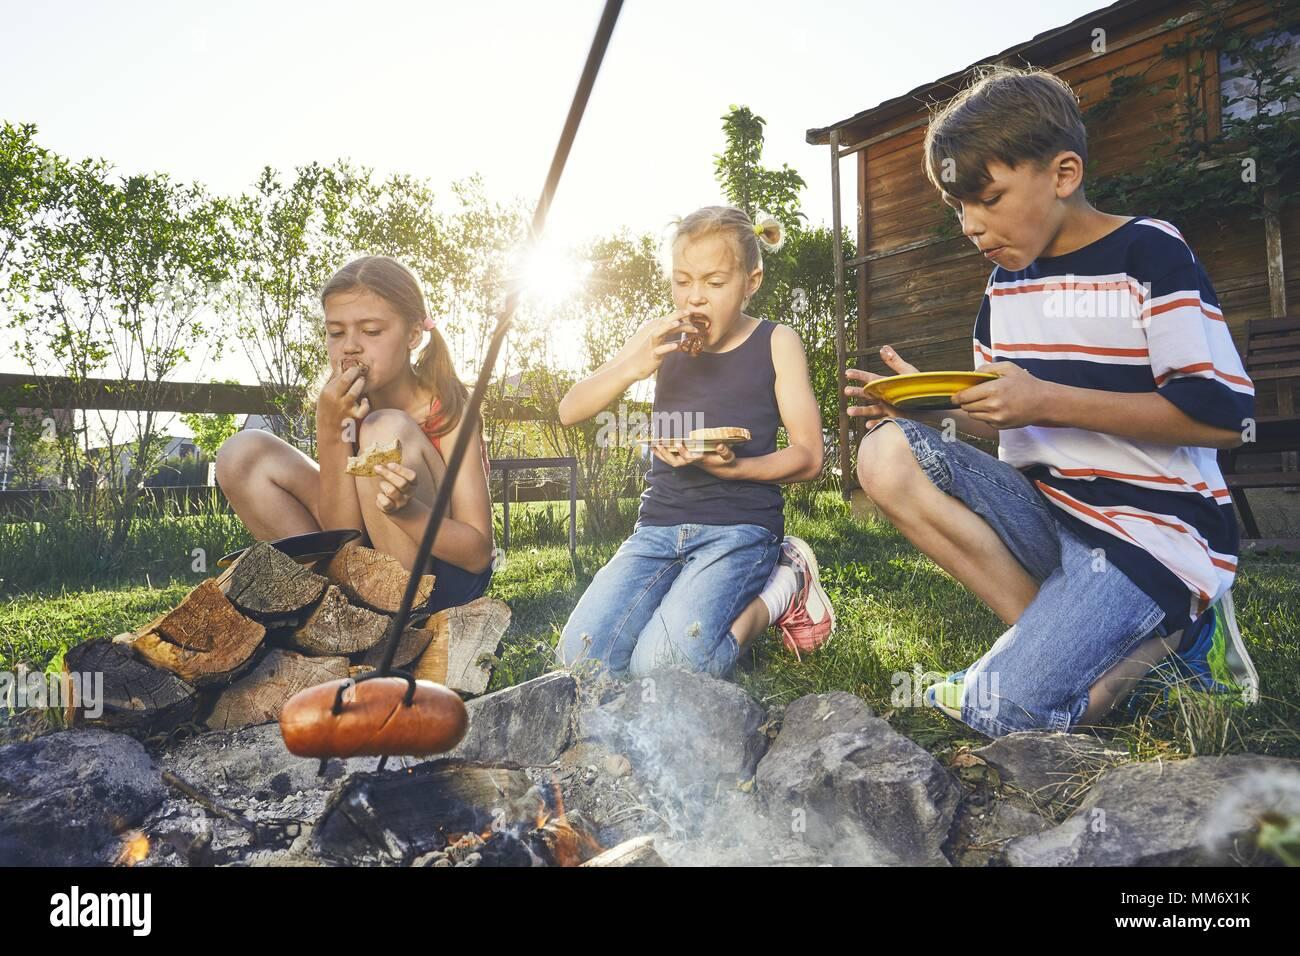 Los niños disfrutan de CAMPFIRE. Hermanos (familia) tostado de salchichas en el jardín al atardecer. Imagen De Stock